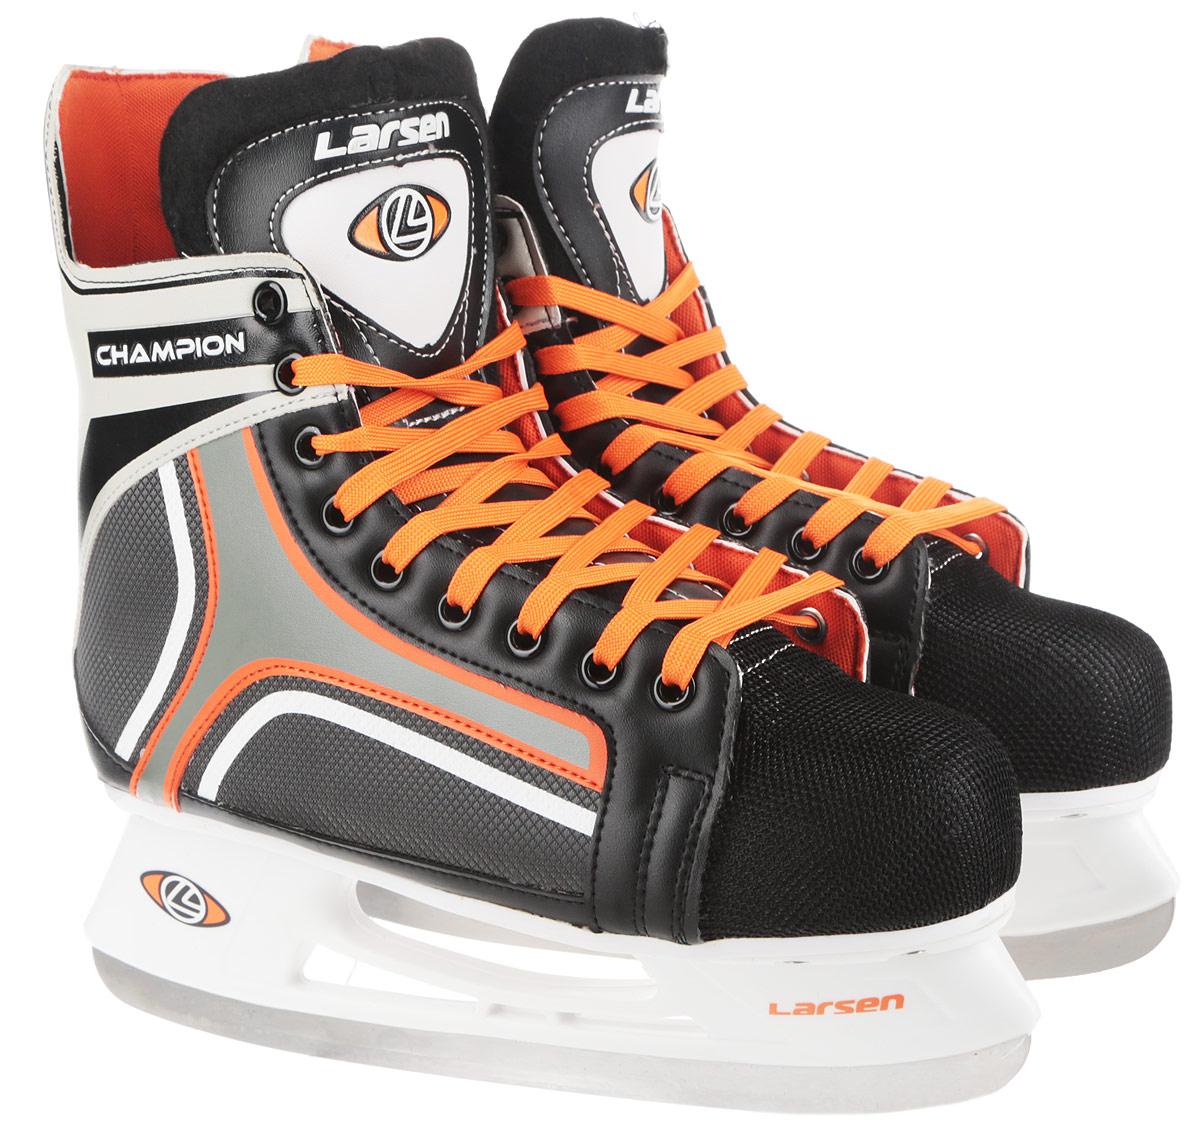 Коньки хоккейные мужские Larsen Champion, цвет: черный, белый, оранжевый. Размер 43ChampionСтильные коньки Champion от Larsen прекрасно подойдут для начинающих игроков в хоккей. Ботинок выполнен из морозоустойчивого поливинилхлорида. Мыс дополнен вставкой из полипропилена, покрытого сетчатым нейлоном, которая защитит ноги от ударов. Внутренний слой изготовлен из мягкого текстиля, который обеспечит тепло и комфорт во время катания, язычок - из войлока. Плотная шнуровка надежно фиксирует модель на ноге. Голеностоп имеет удобный суппорт. Стелька из EVA с текстильной поверхностью обеспечит комфортное катание. Стойка выполнена из ударопрочного полипропилена. Лезвие из нержавеющей стали обеспечит превосходное скольжение. В комплект входят пластиковые чехлы для лезвий. Температура использования до -20°С.